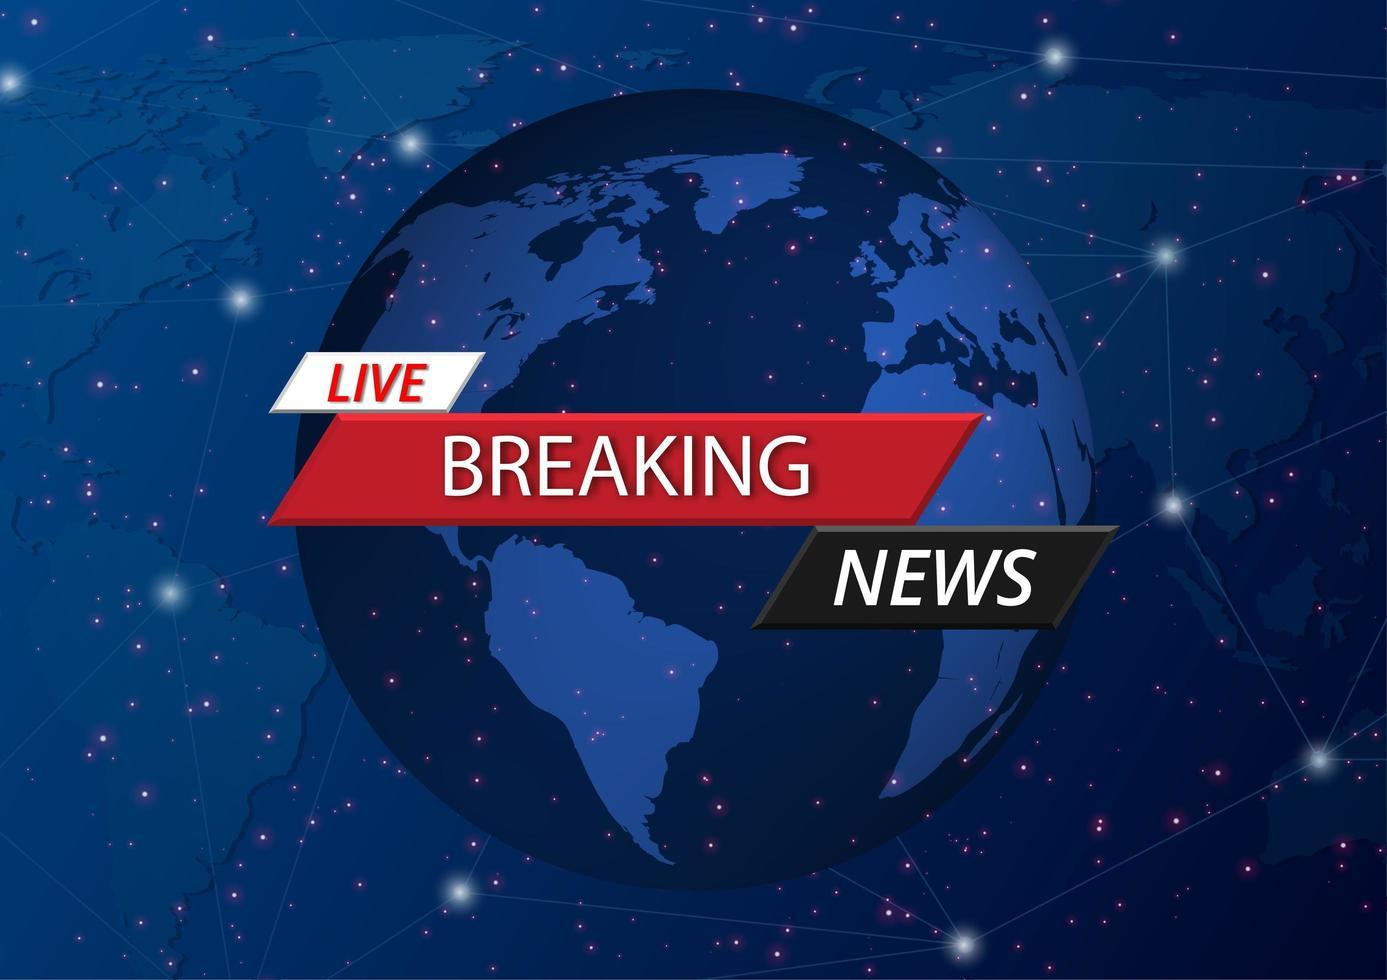 Live-Nachrichten über Welt- und Weltraum-Bildschirmschoner vektor